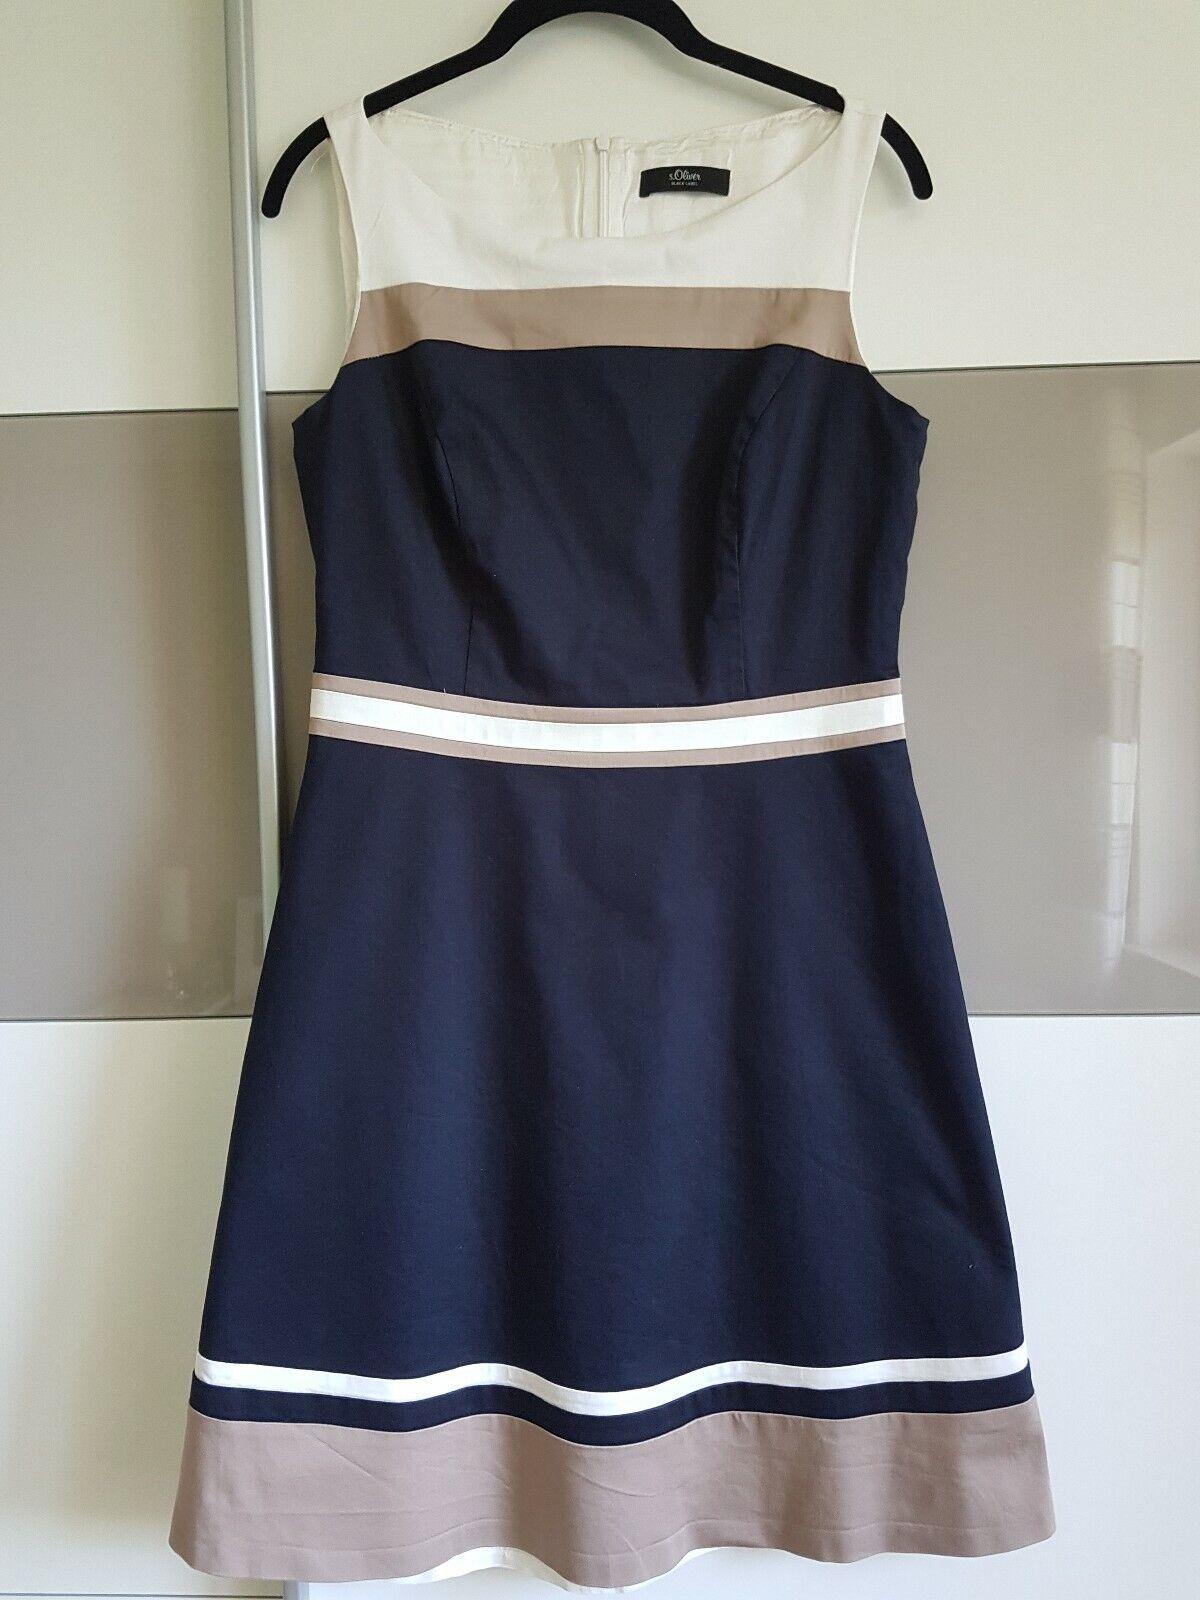 Kleid im Farbe-blocking-Design von s.Oliver Gr. 36 aktuelle Kollektion